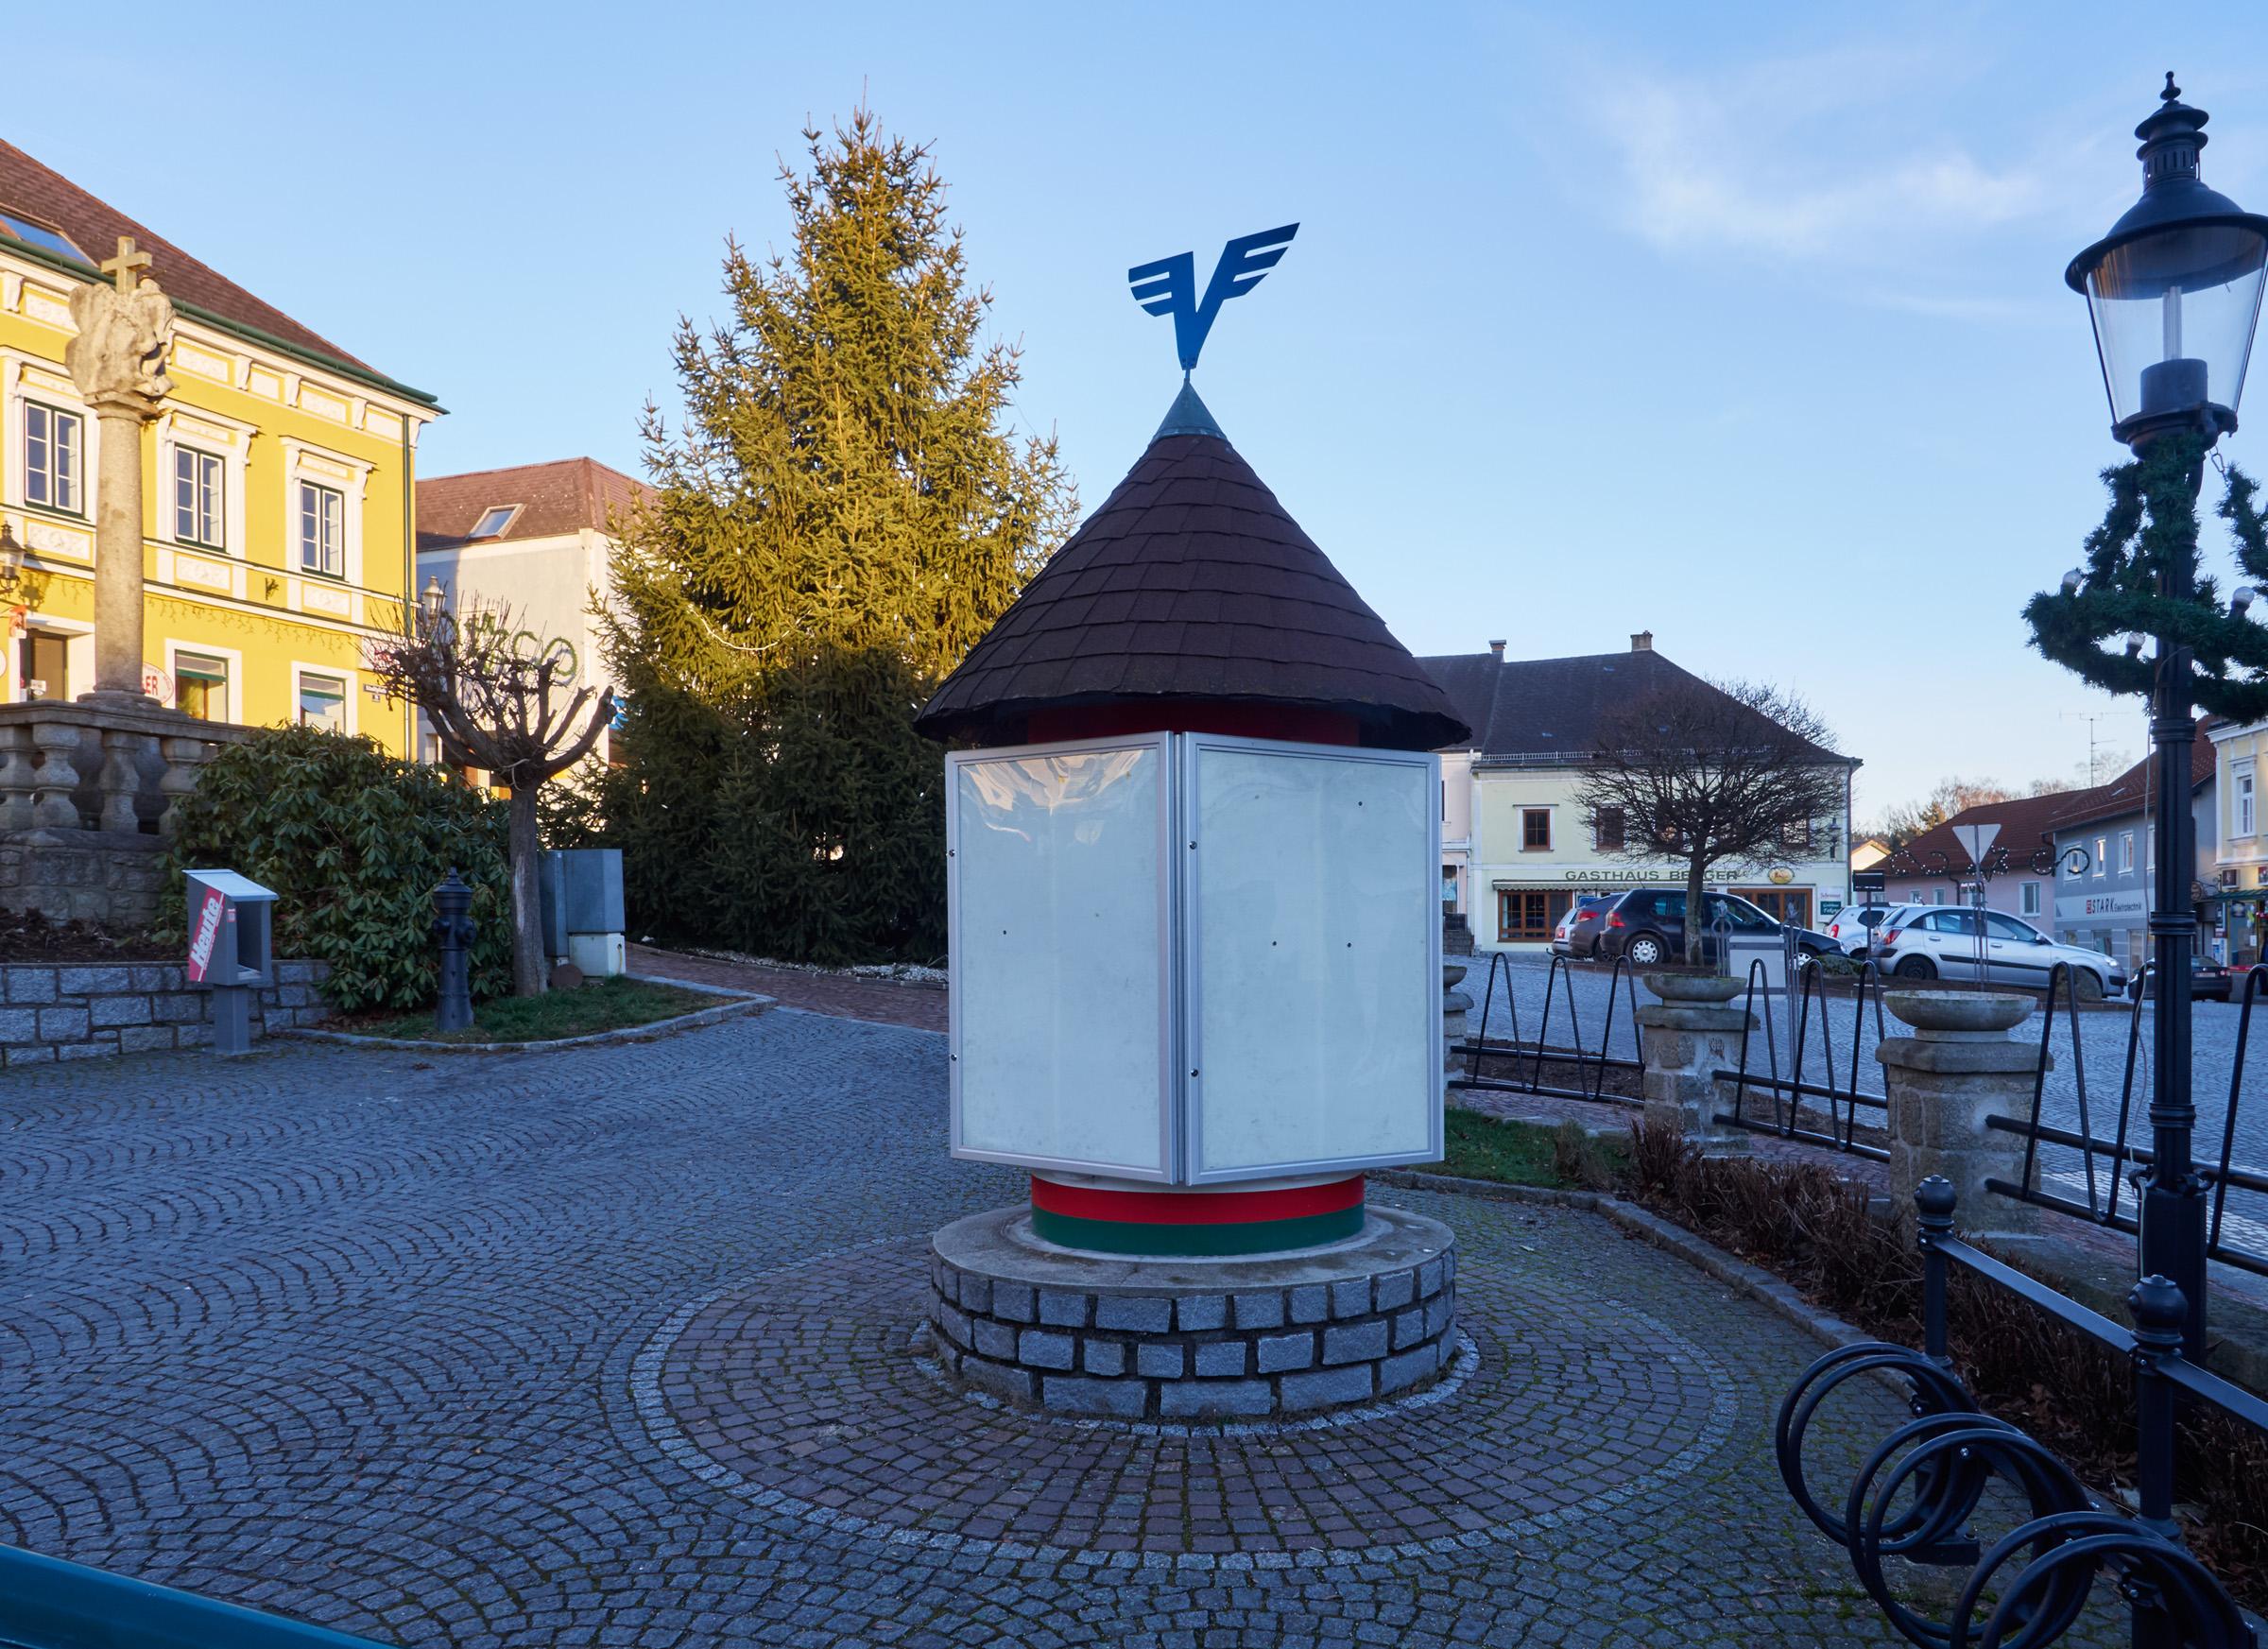 Heidenreichstein weit 2013-12-16.jpg